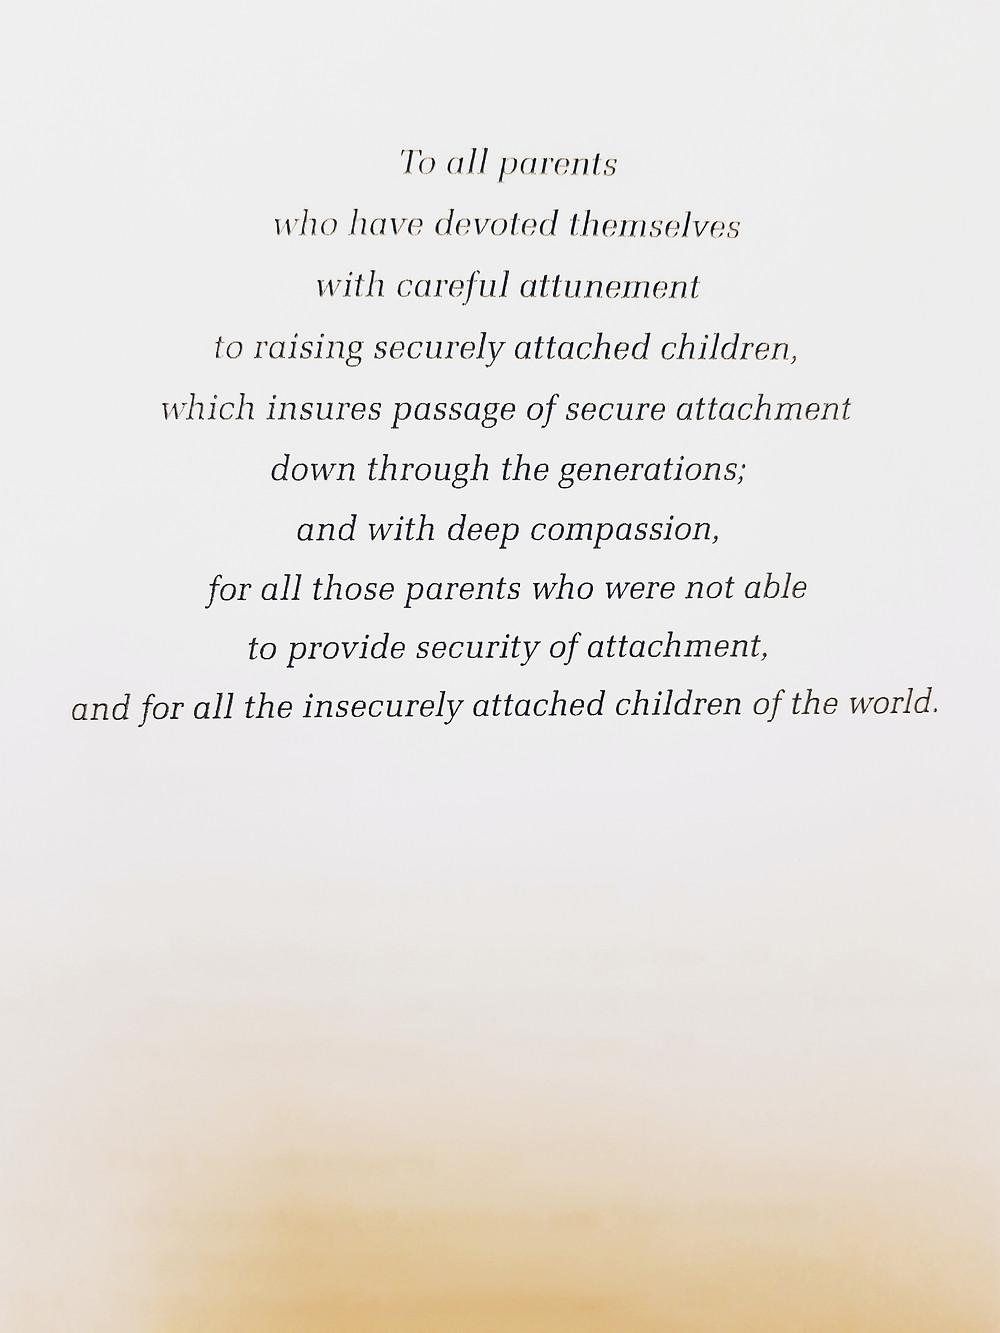 Эпиграф-посвящение к книге «Нарушения привязанности у взрослых» Дэниела Брауна и Дэвида Эллиотта (и соавт.)